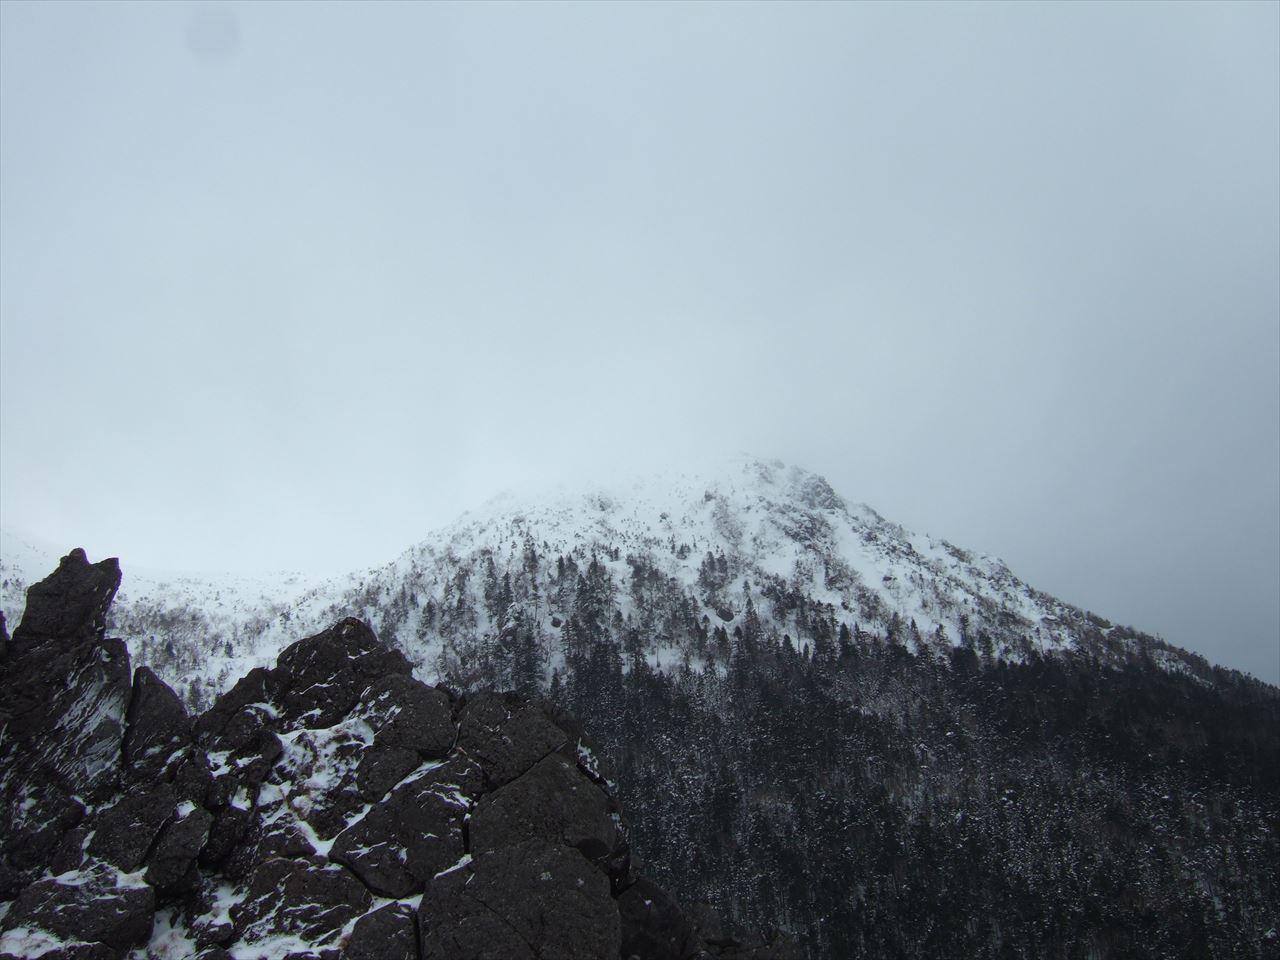 天狗岳 雪山登山 冬の八ヶ岳で春の足音を聞く旅(2016.3.4)